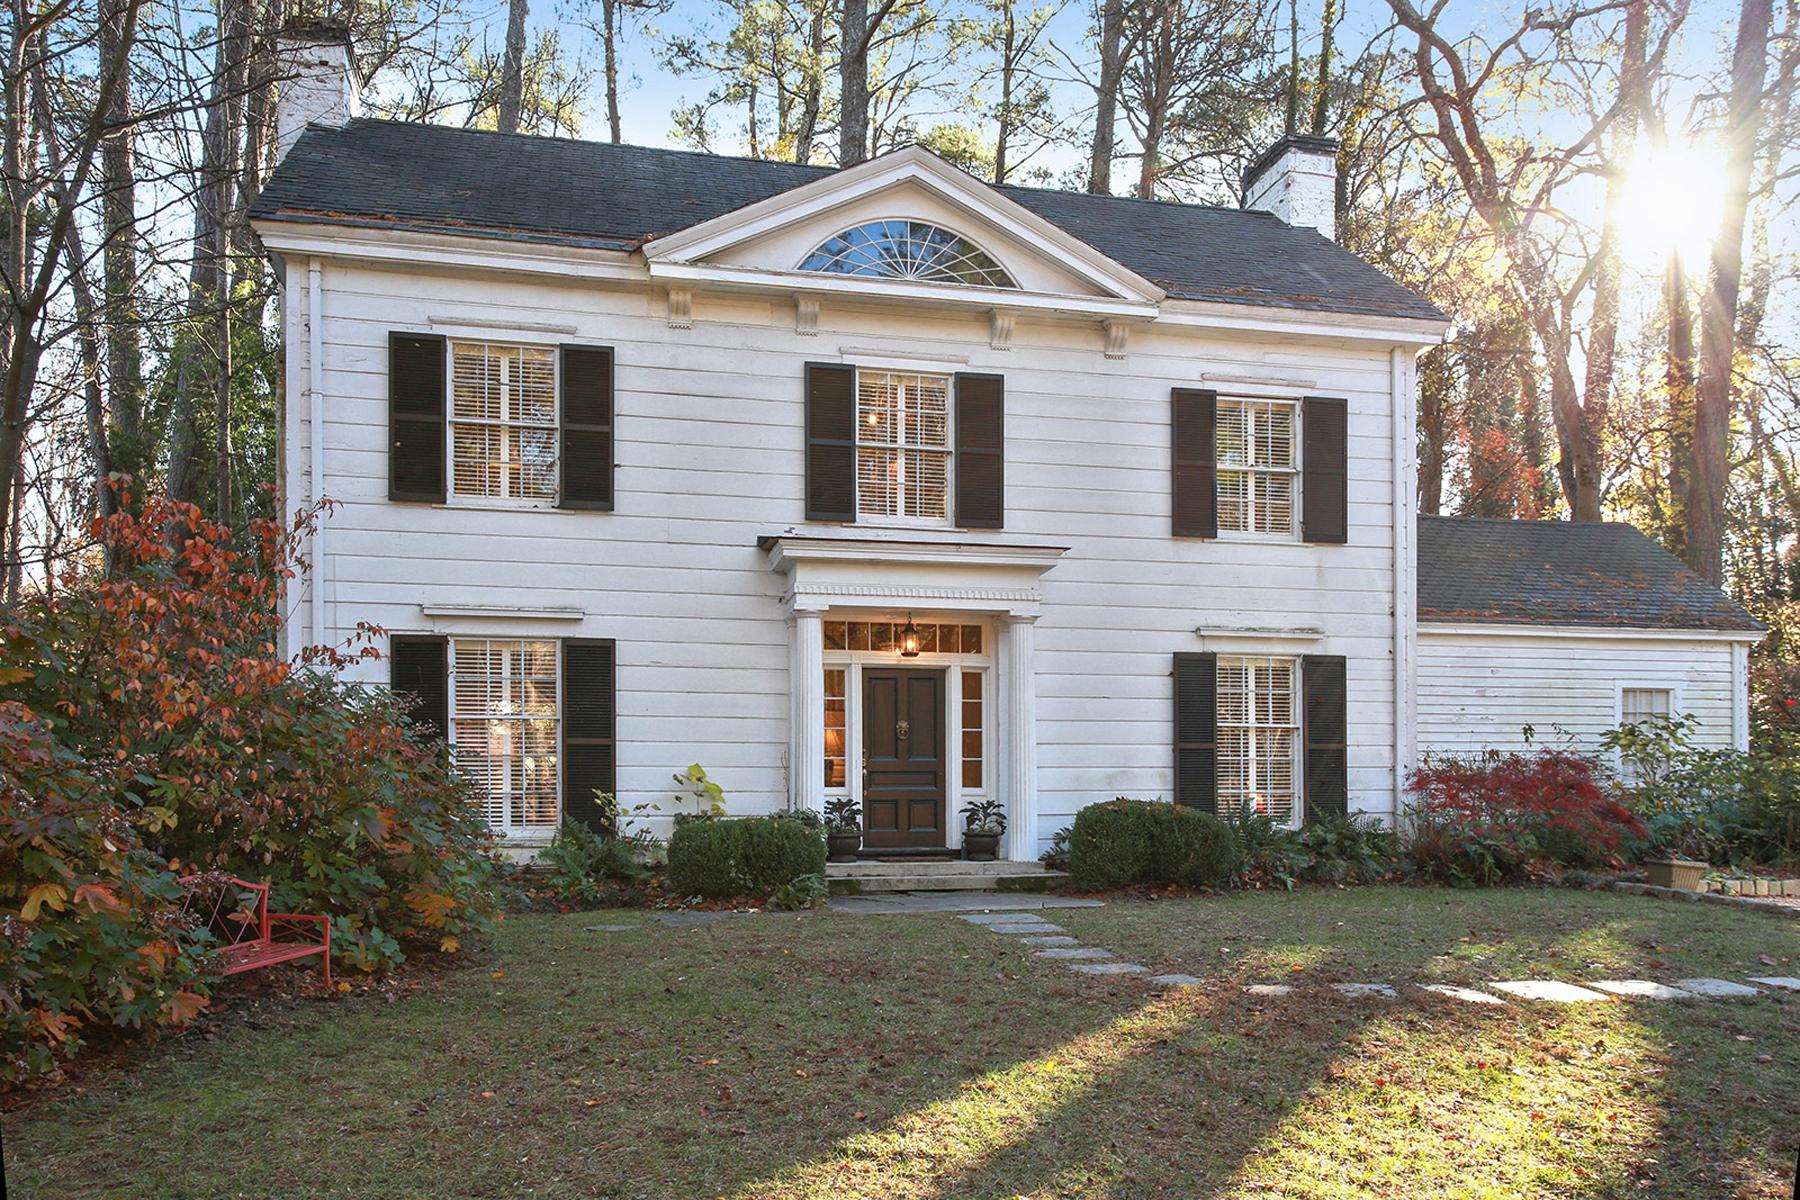 Casa Unifamiliar por un Venta en Beautiful Greek Revival Home In Buckhead 504 West Wesley Atlanta, Georgia, 30305 Estados Unidos